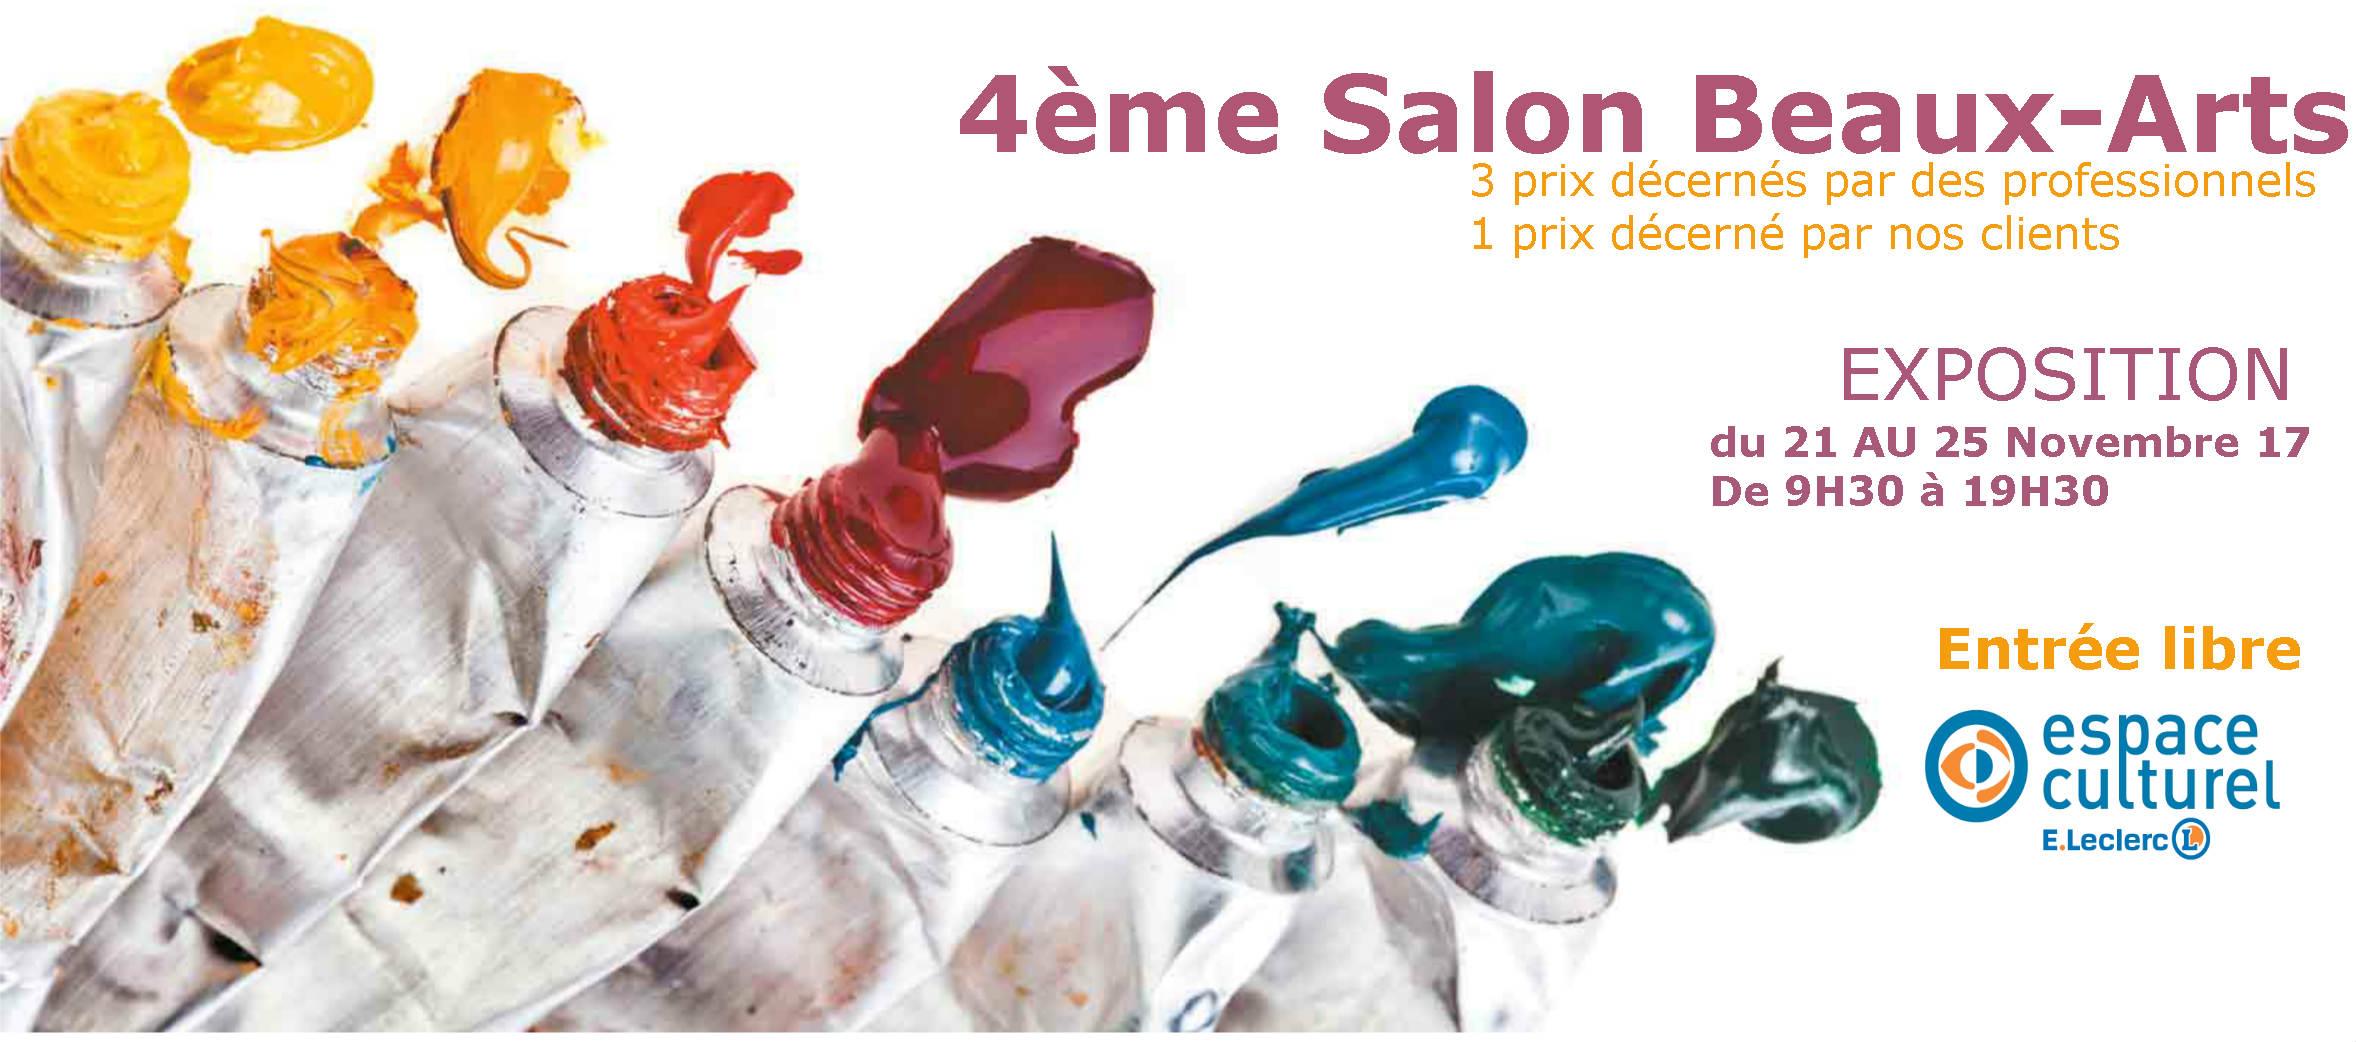 Salon+beaux+arts+bandeau